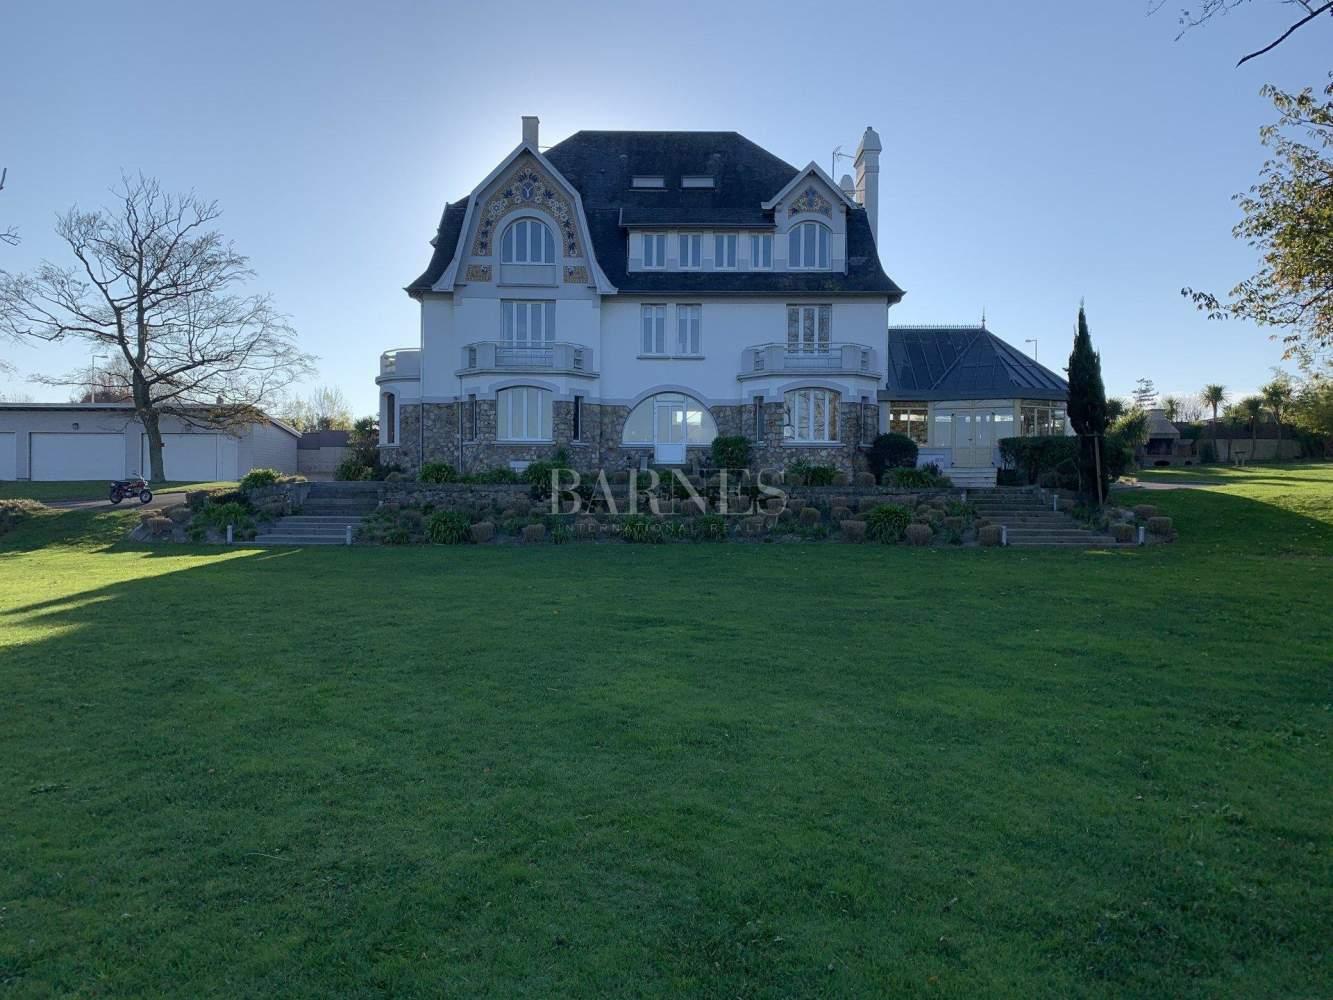 Granville  - Maison 16 Pièces - picture 1